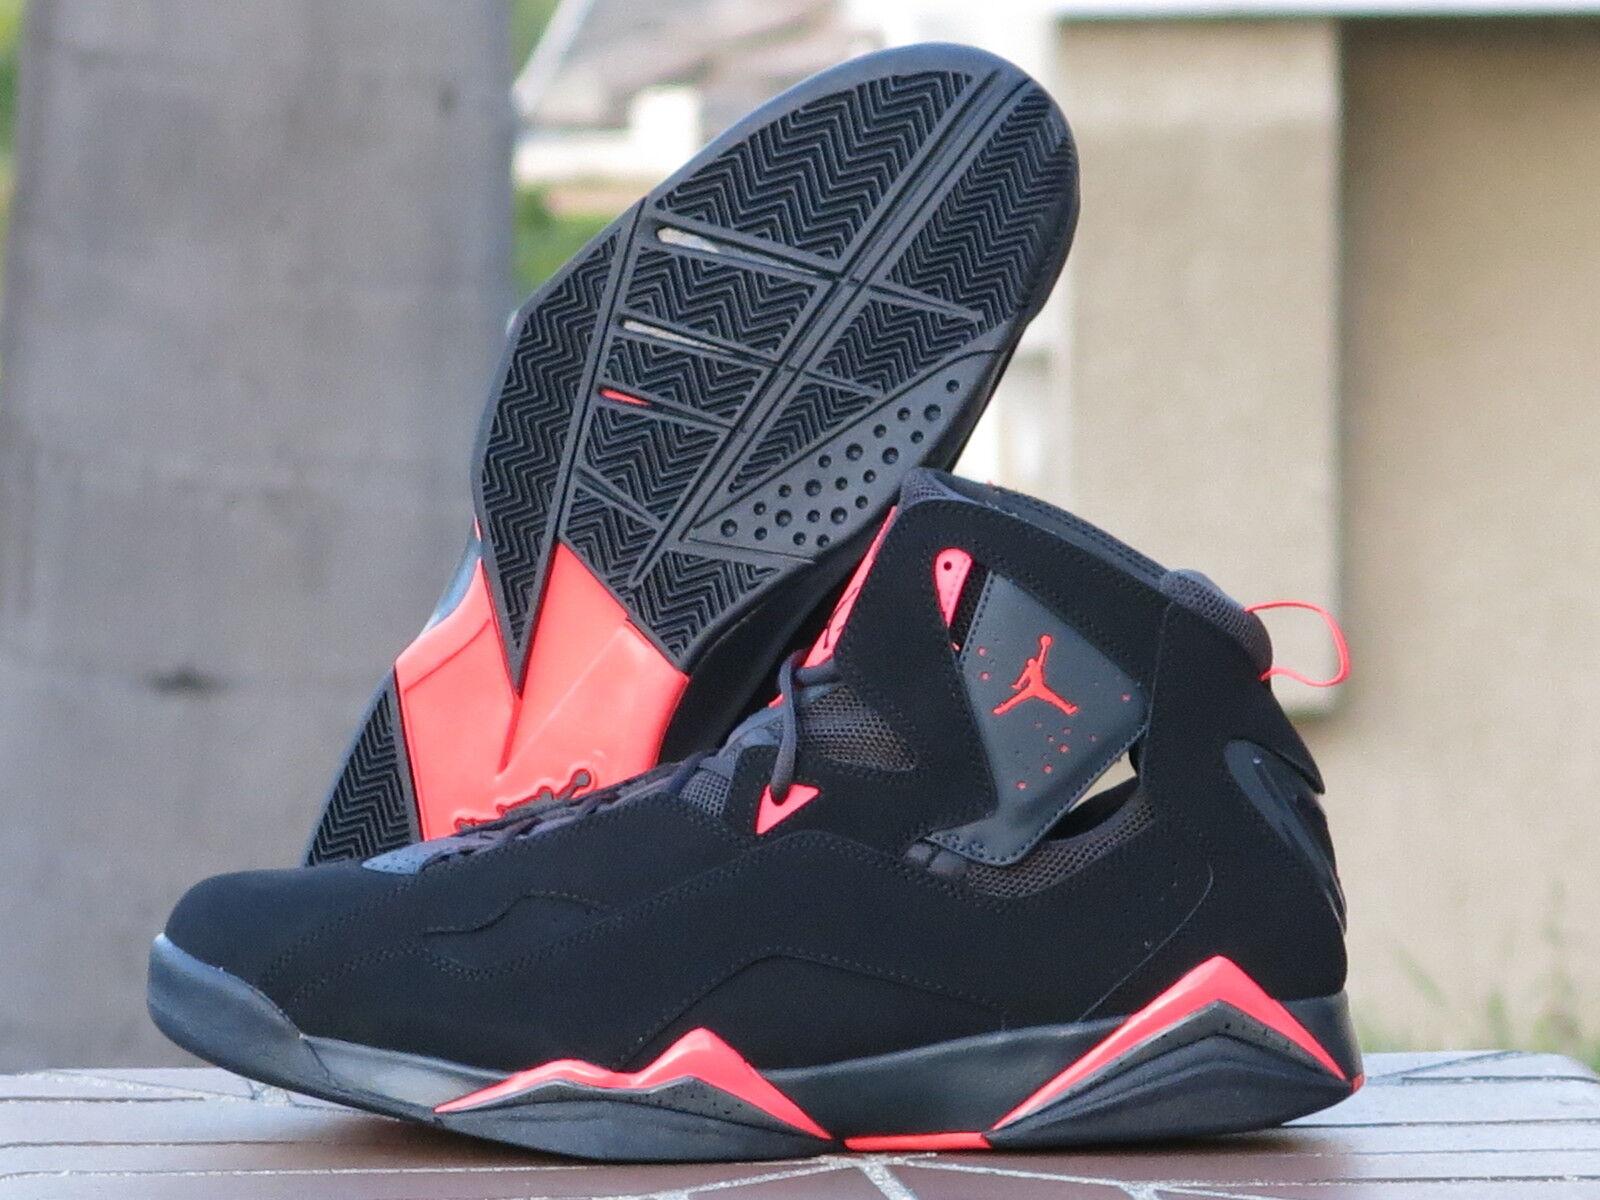 2014 - nike air jordan vero volo Uomo le scarpe, scarpe da basket 342964-023 sz 17